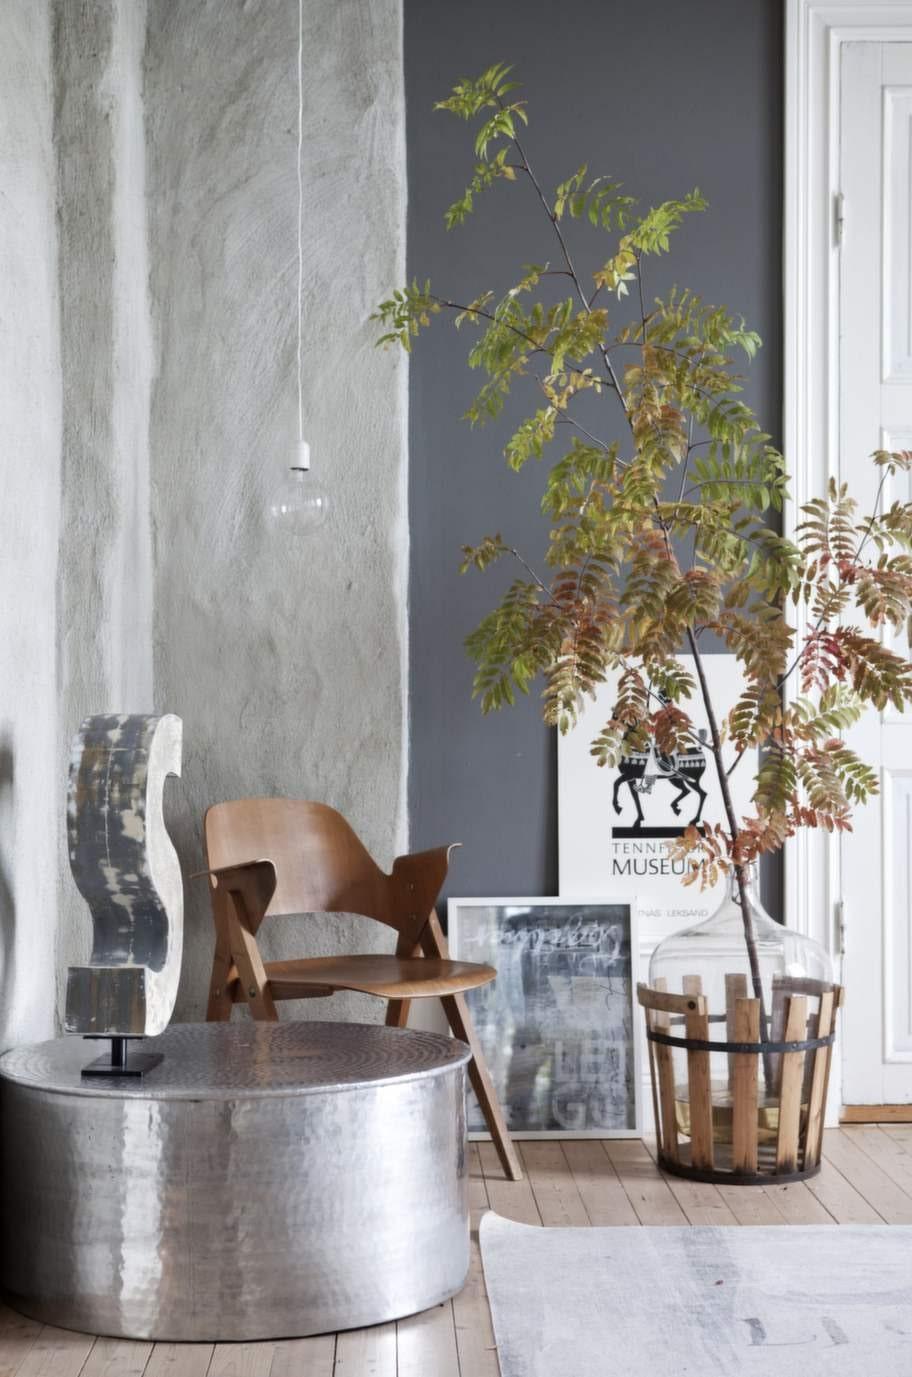 Den höga murstocken har putsats med betong. Retrostolen i teak är en favorit och kommer från NK-möbler. Tavlan med vit bakgrund är ett minne från tiden då skolhuset var ett tennfigursmuseum.